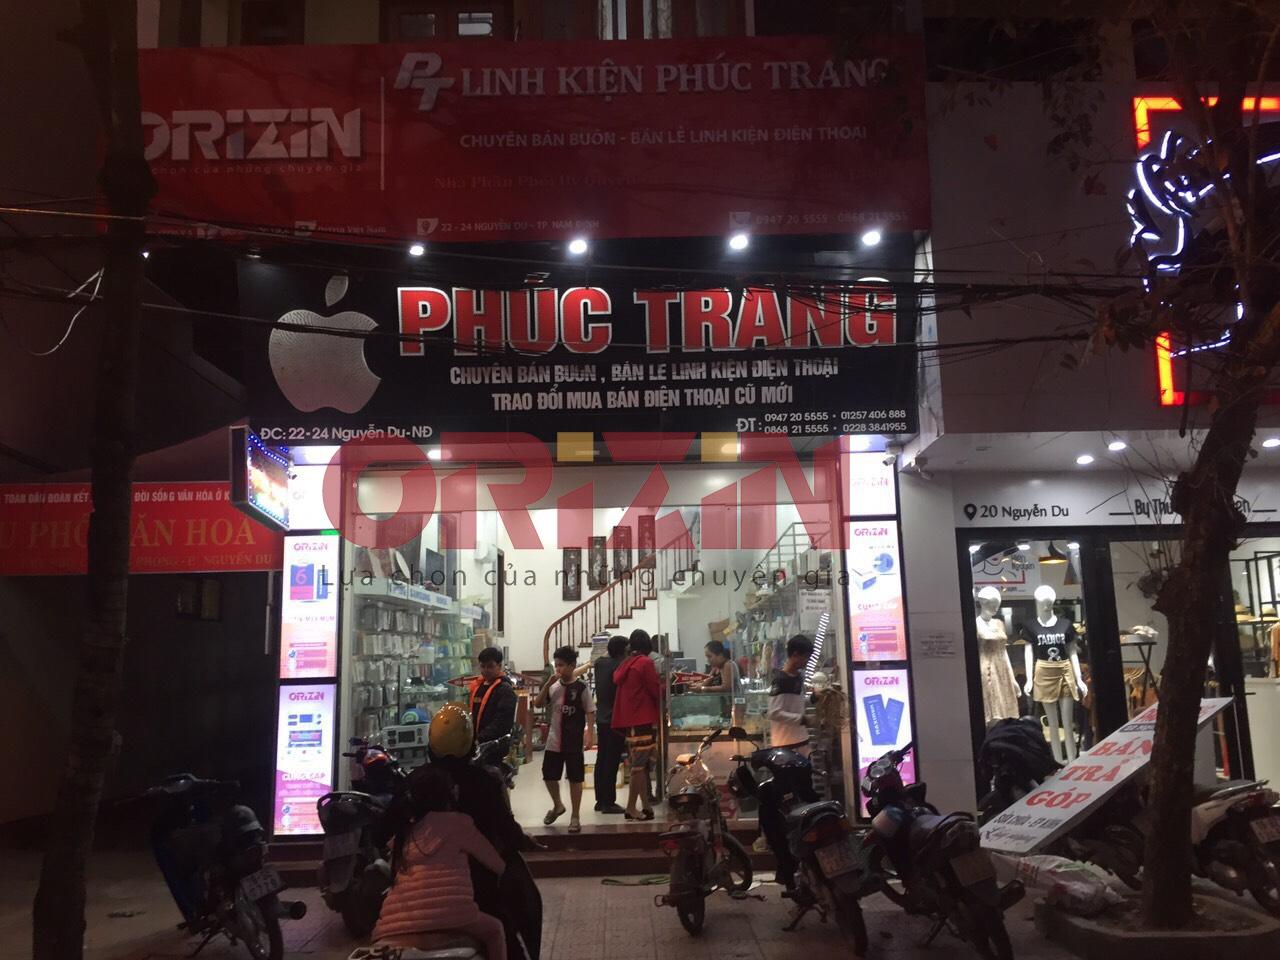 Linh Kiện Phúc Trang | Pin Iphone Dung Lượng Cao Tại Nam Định